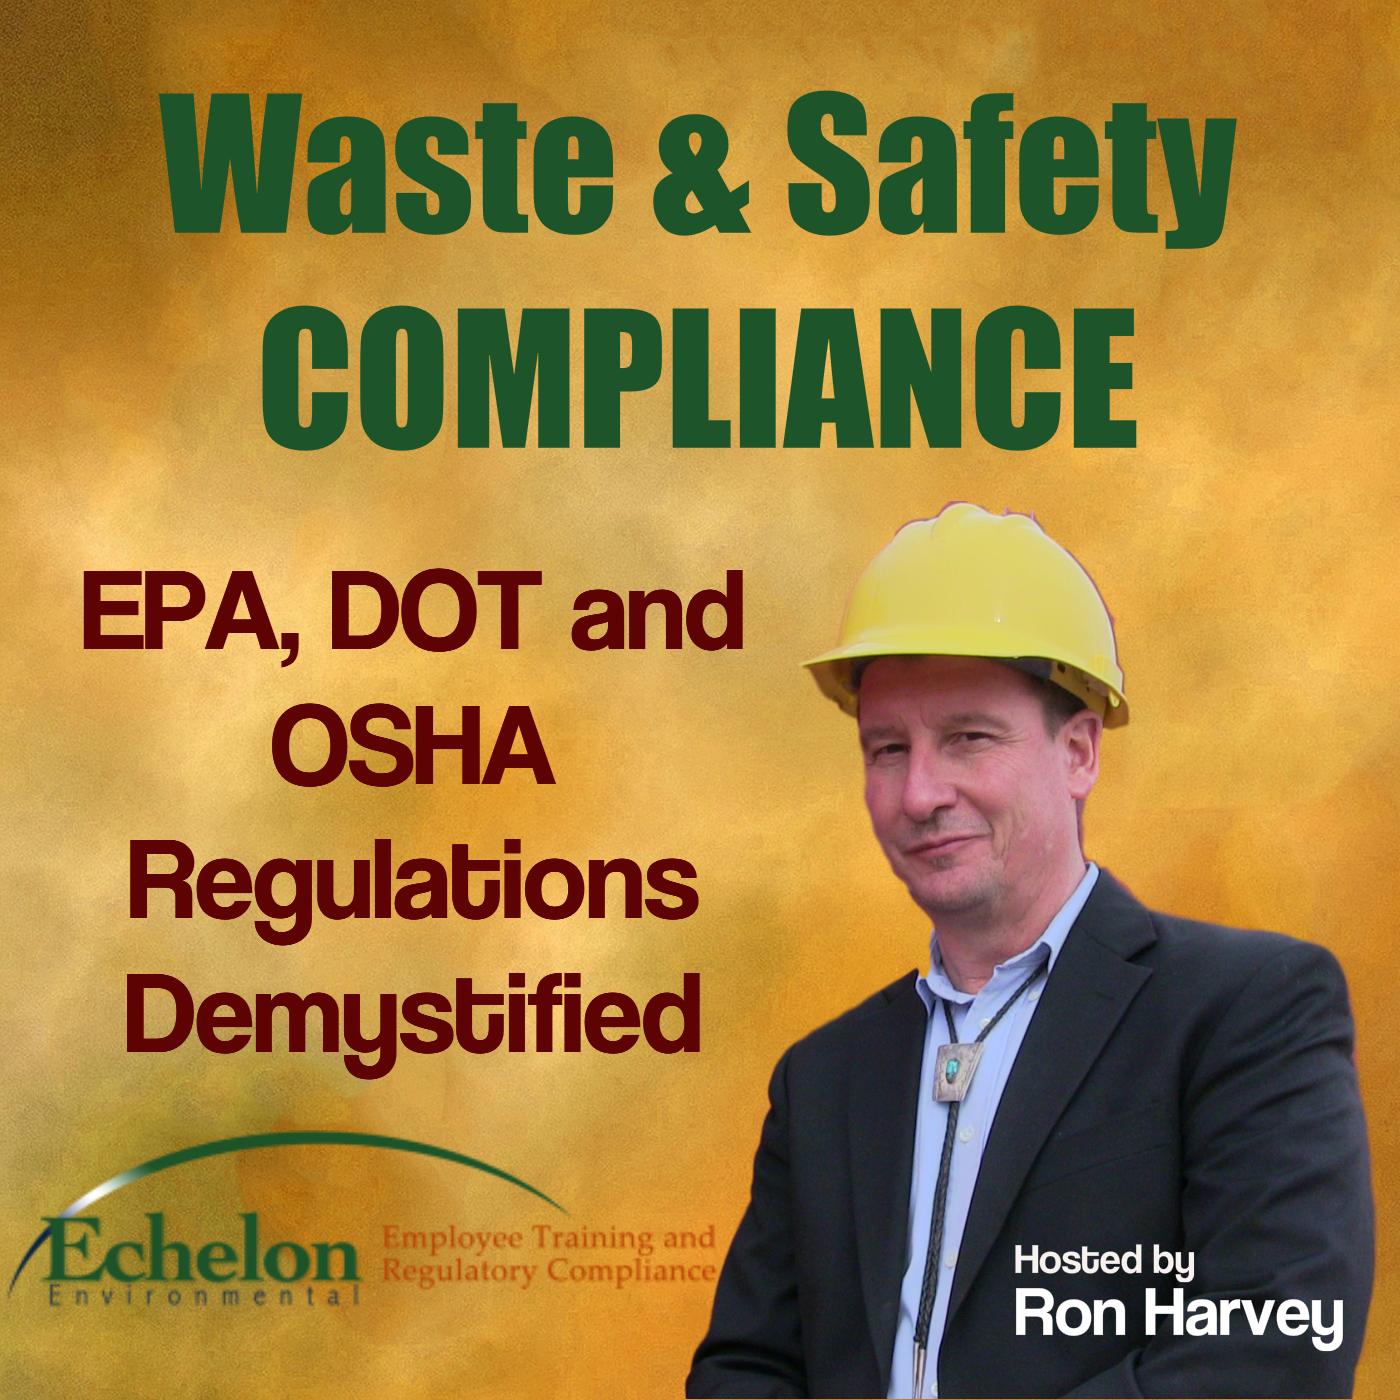 <![CDATA[Waste & Safety Compliance]]>